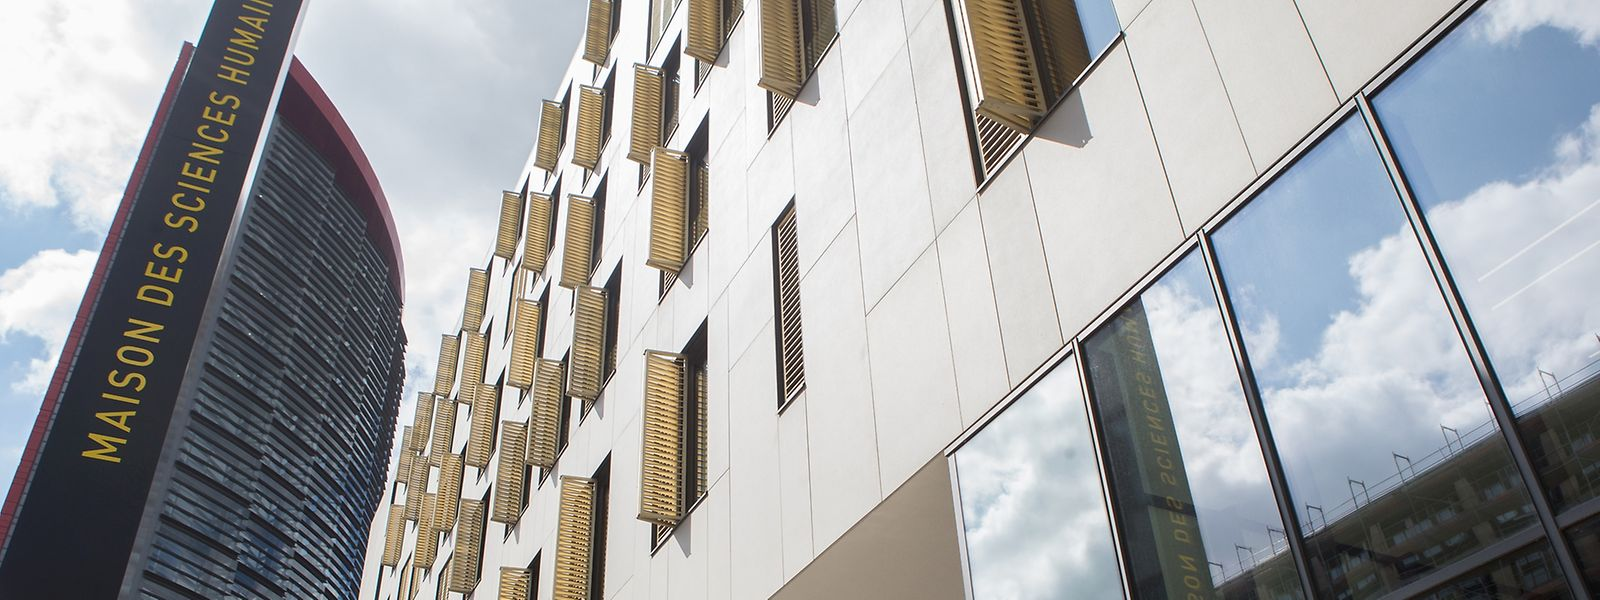 Das Zentrum für Schulentwicklung wird in dem Maison des Sciences Humaines auf dem Campus Belval angesiedelt sein.